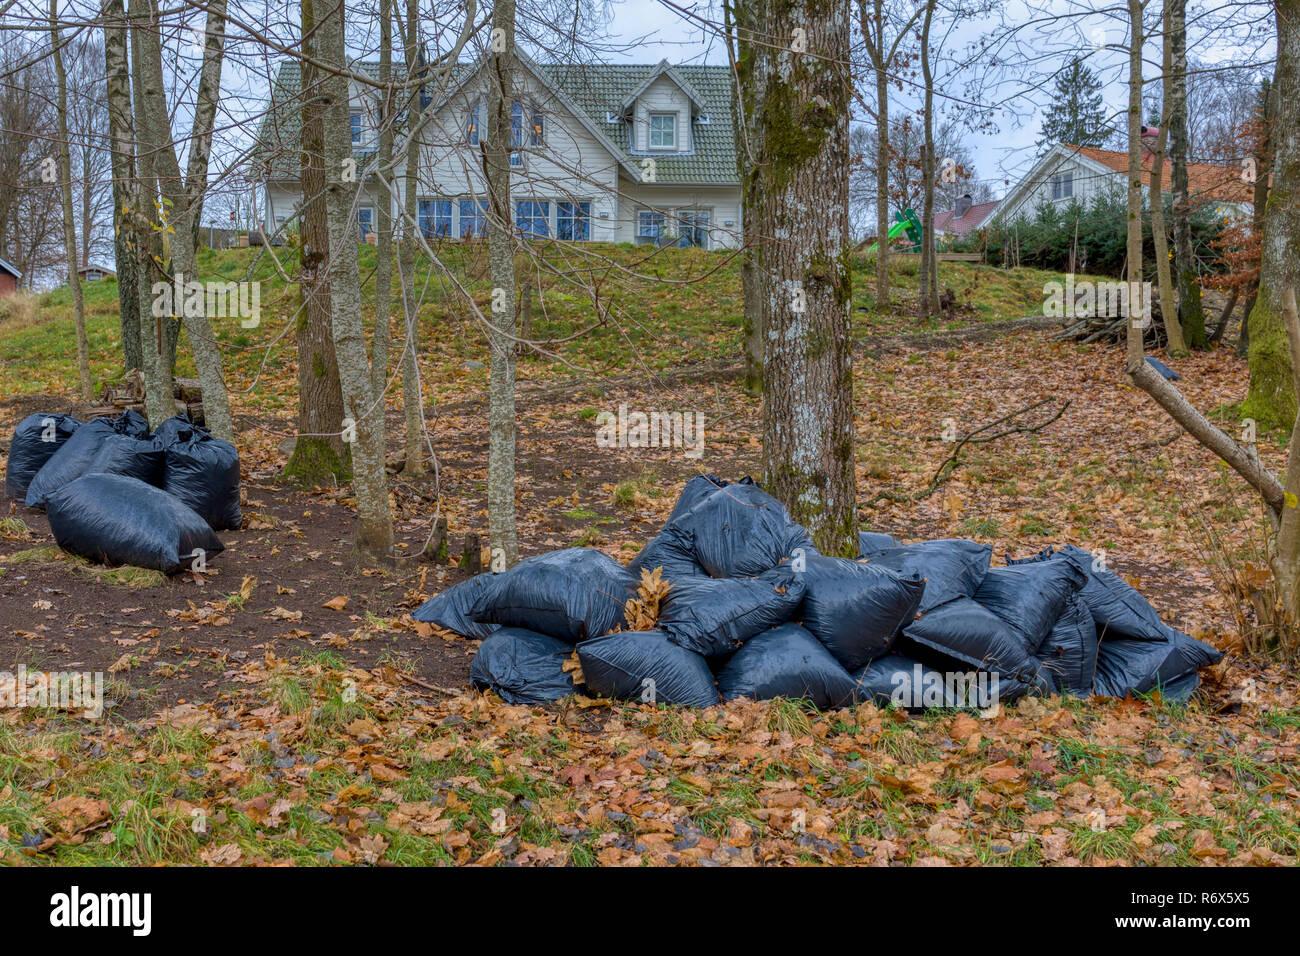 Carichi di scomparto nero borse impilati nel giardino della natura Immagini Stock